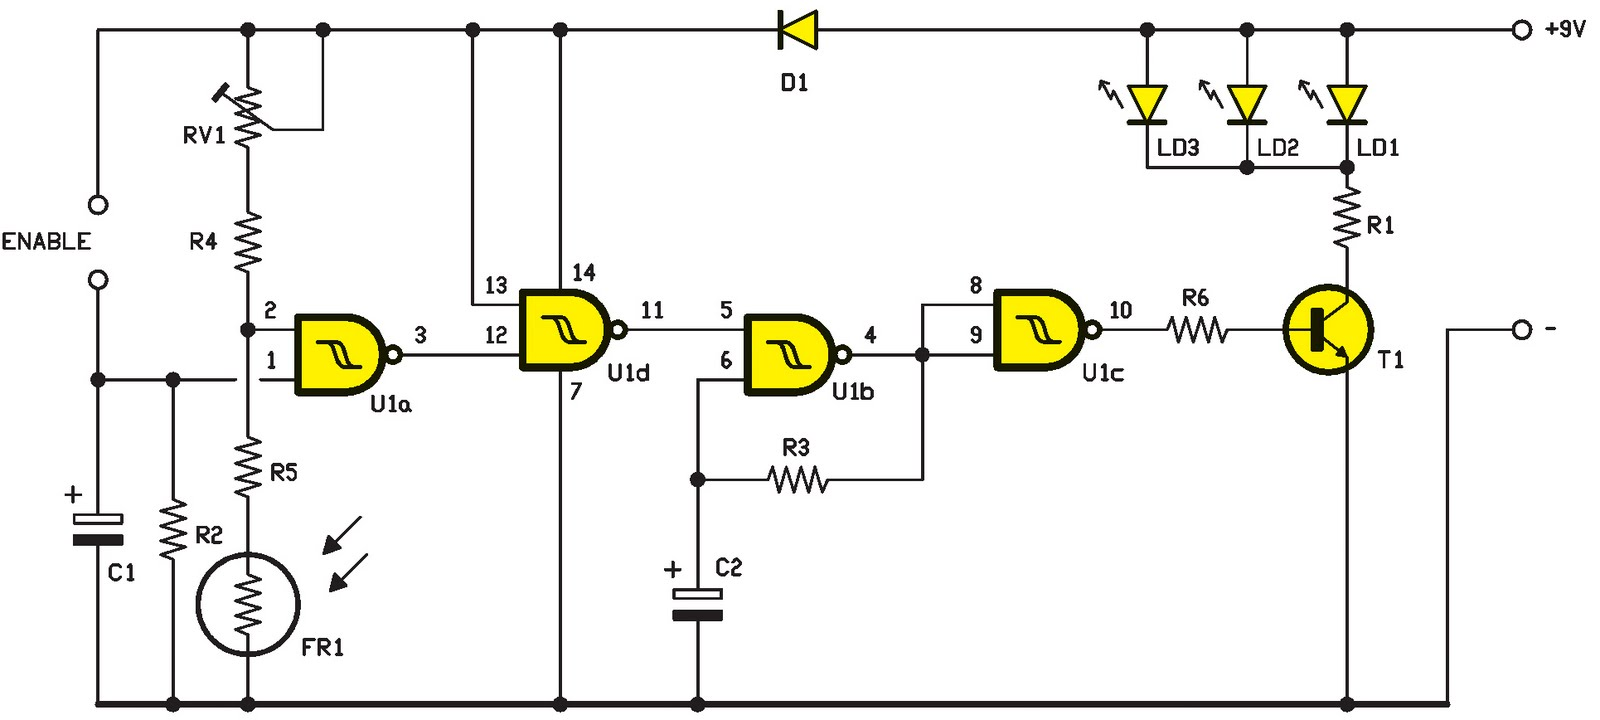 Un clignotant tr s efficace pour le v lo et le jogging schema electronique net - Schema electronique detecteur de mouvement ...